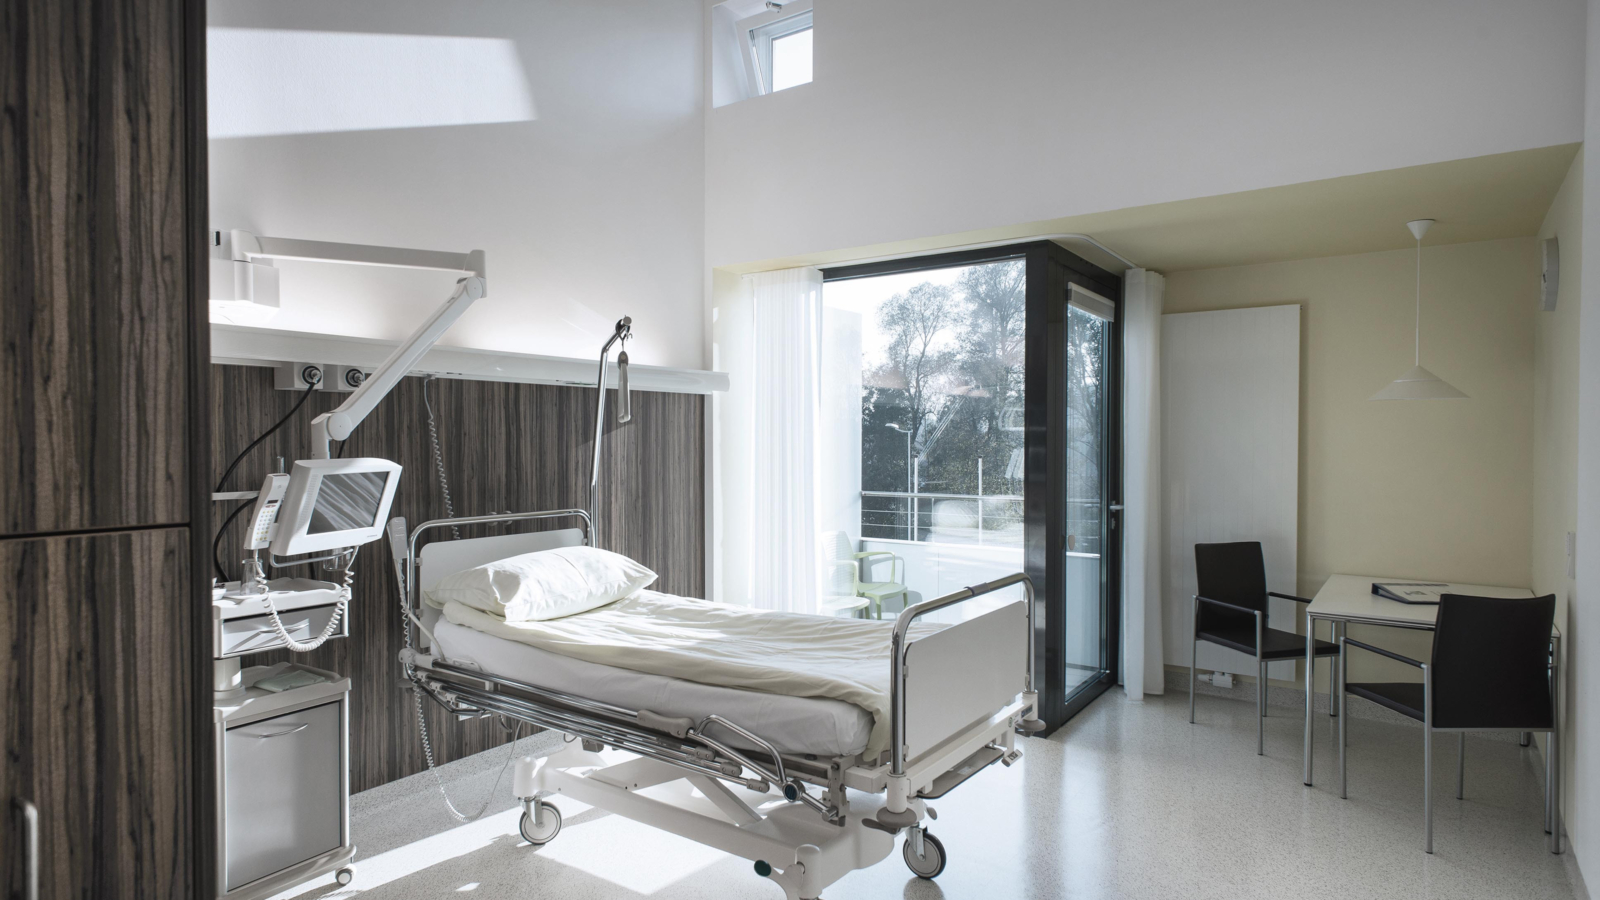 UMBAU UND ERWEITERUNG LANDESKRANKENHAUS_Patientenzimmer